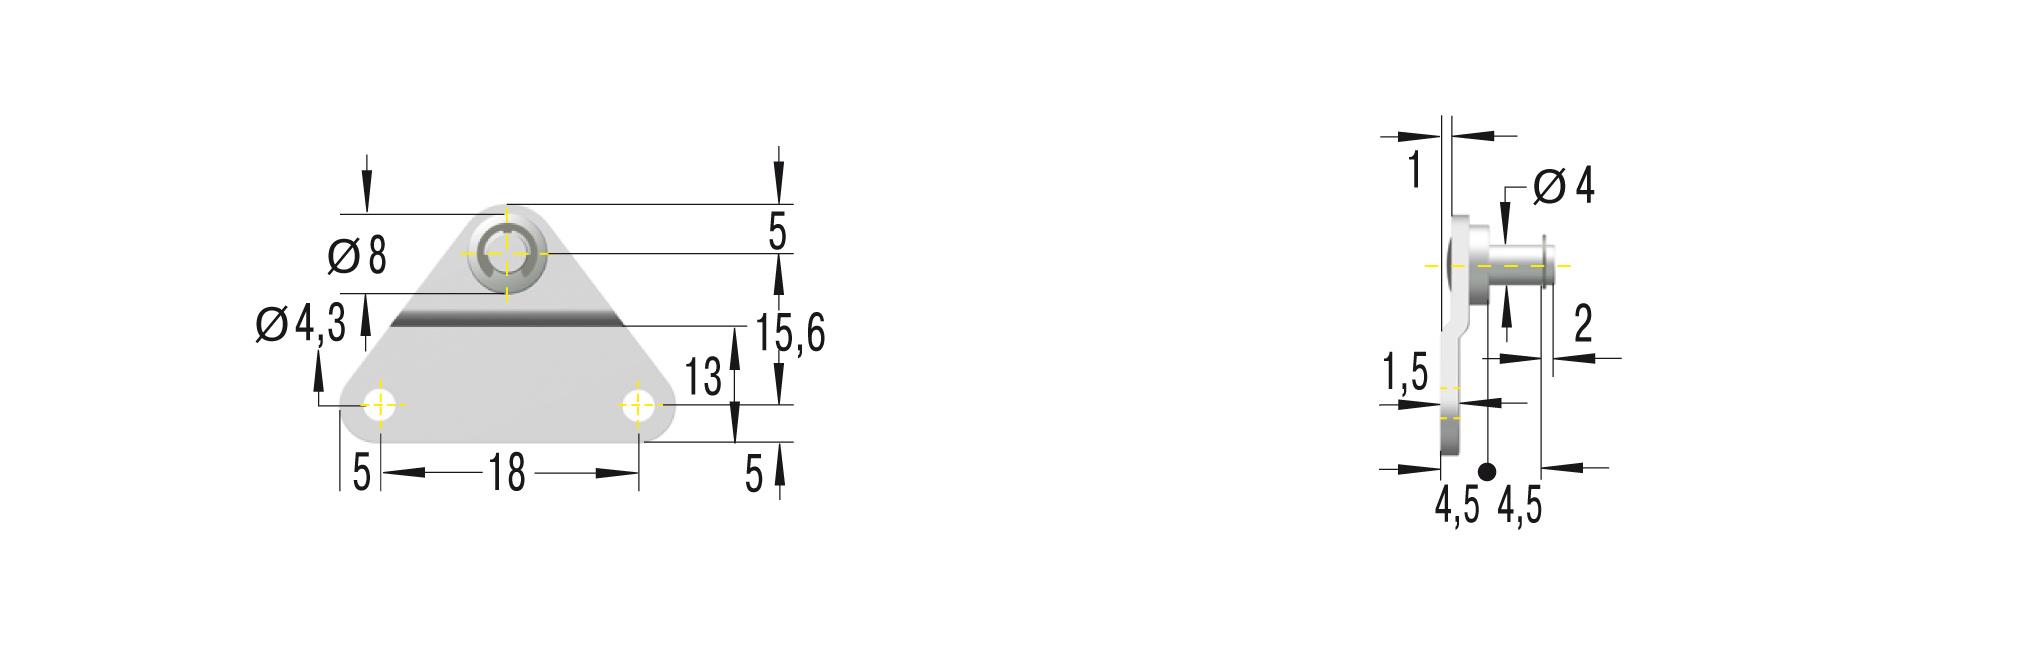 OA3.5-V4A